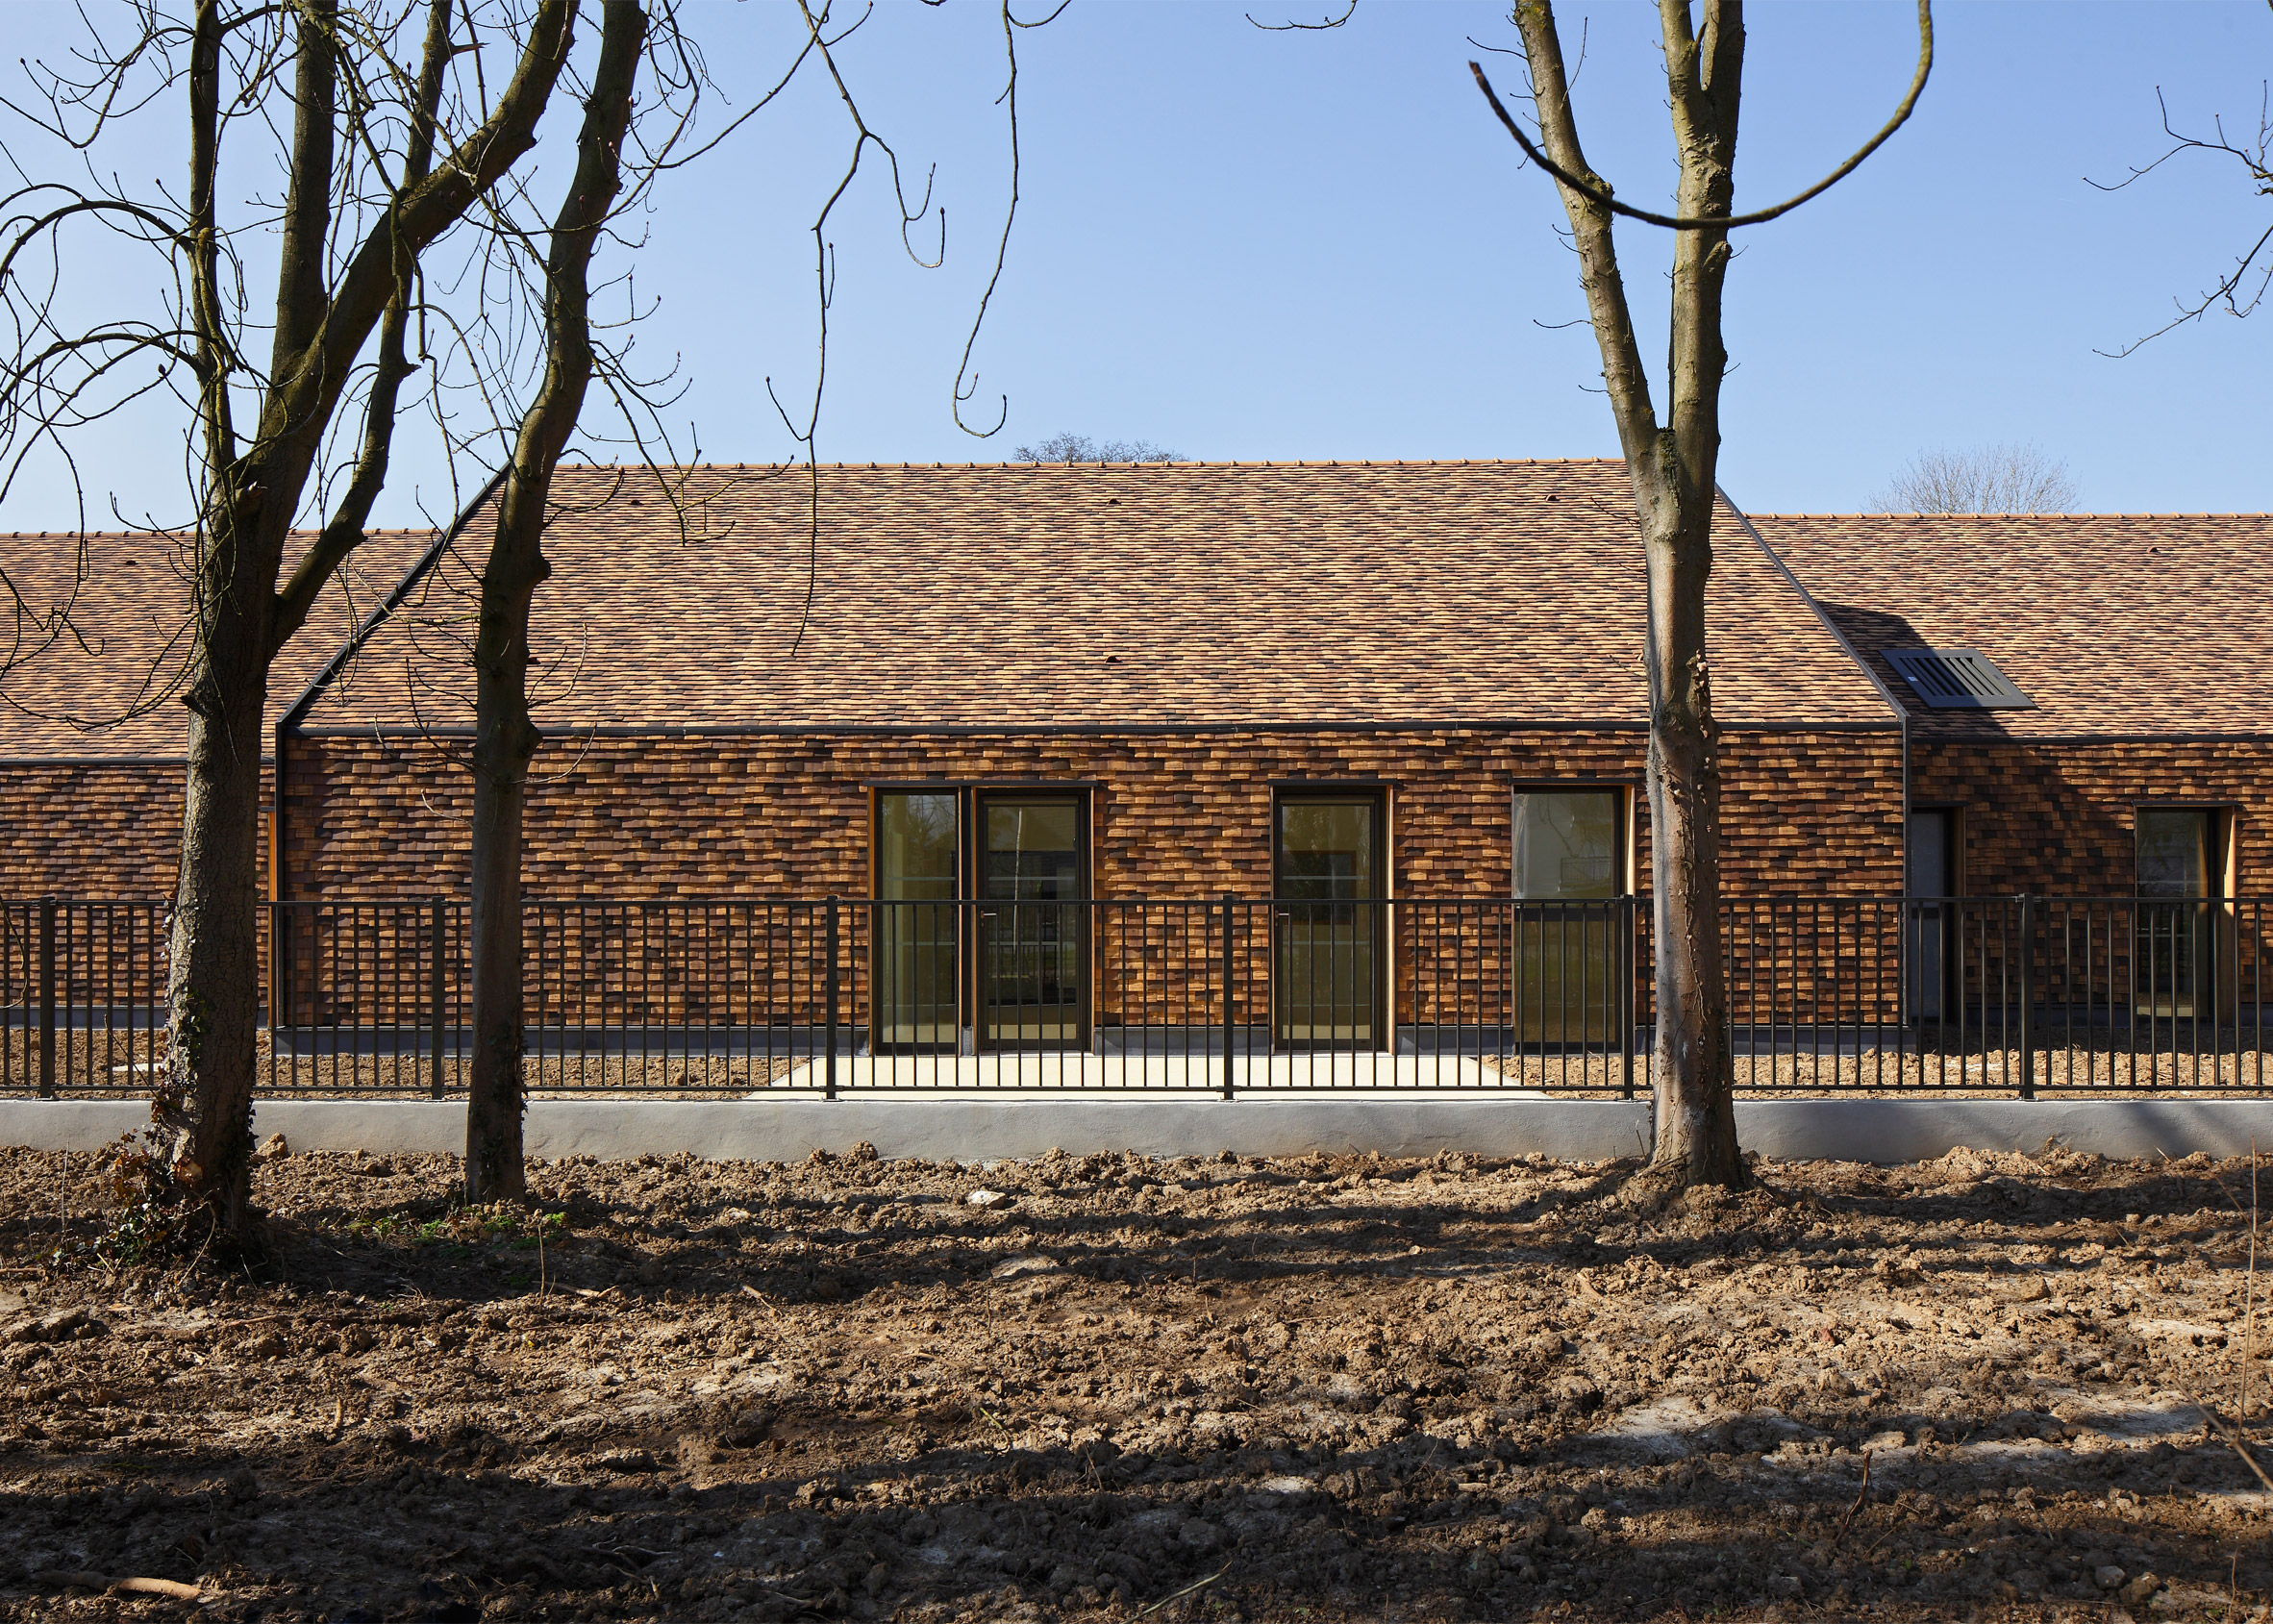 Maison de la Petite Enfance by Nomde Architectes